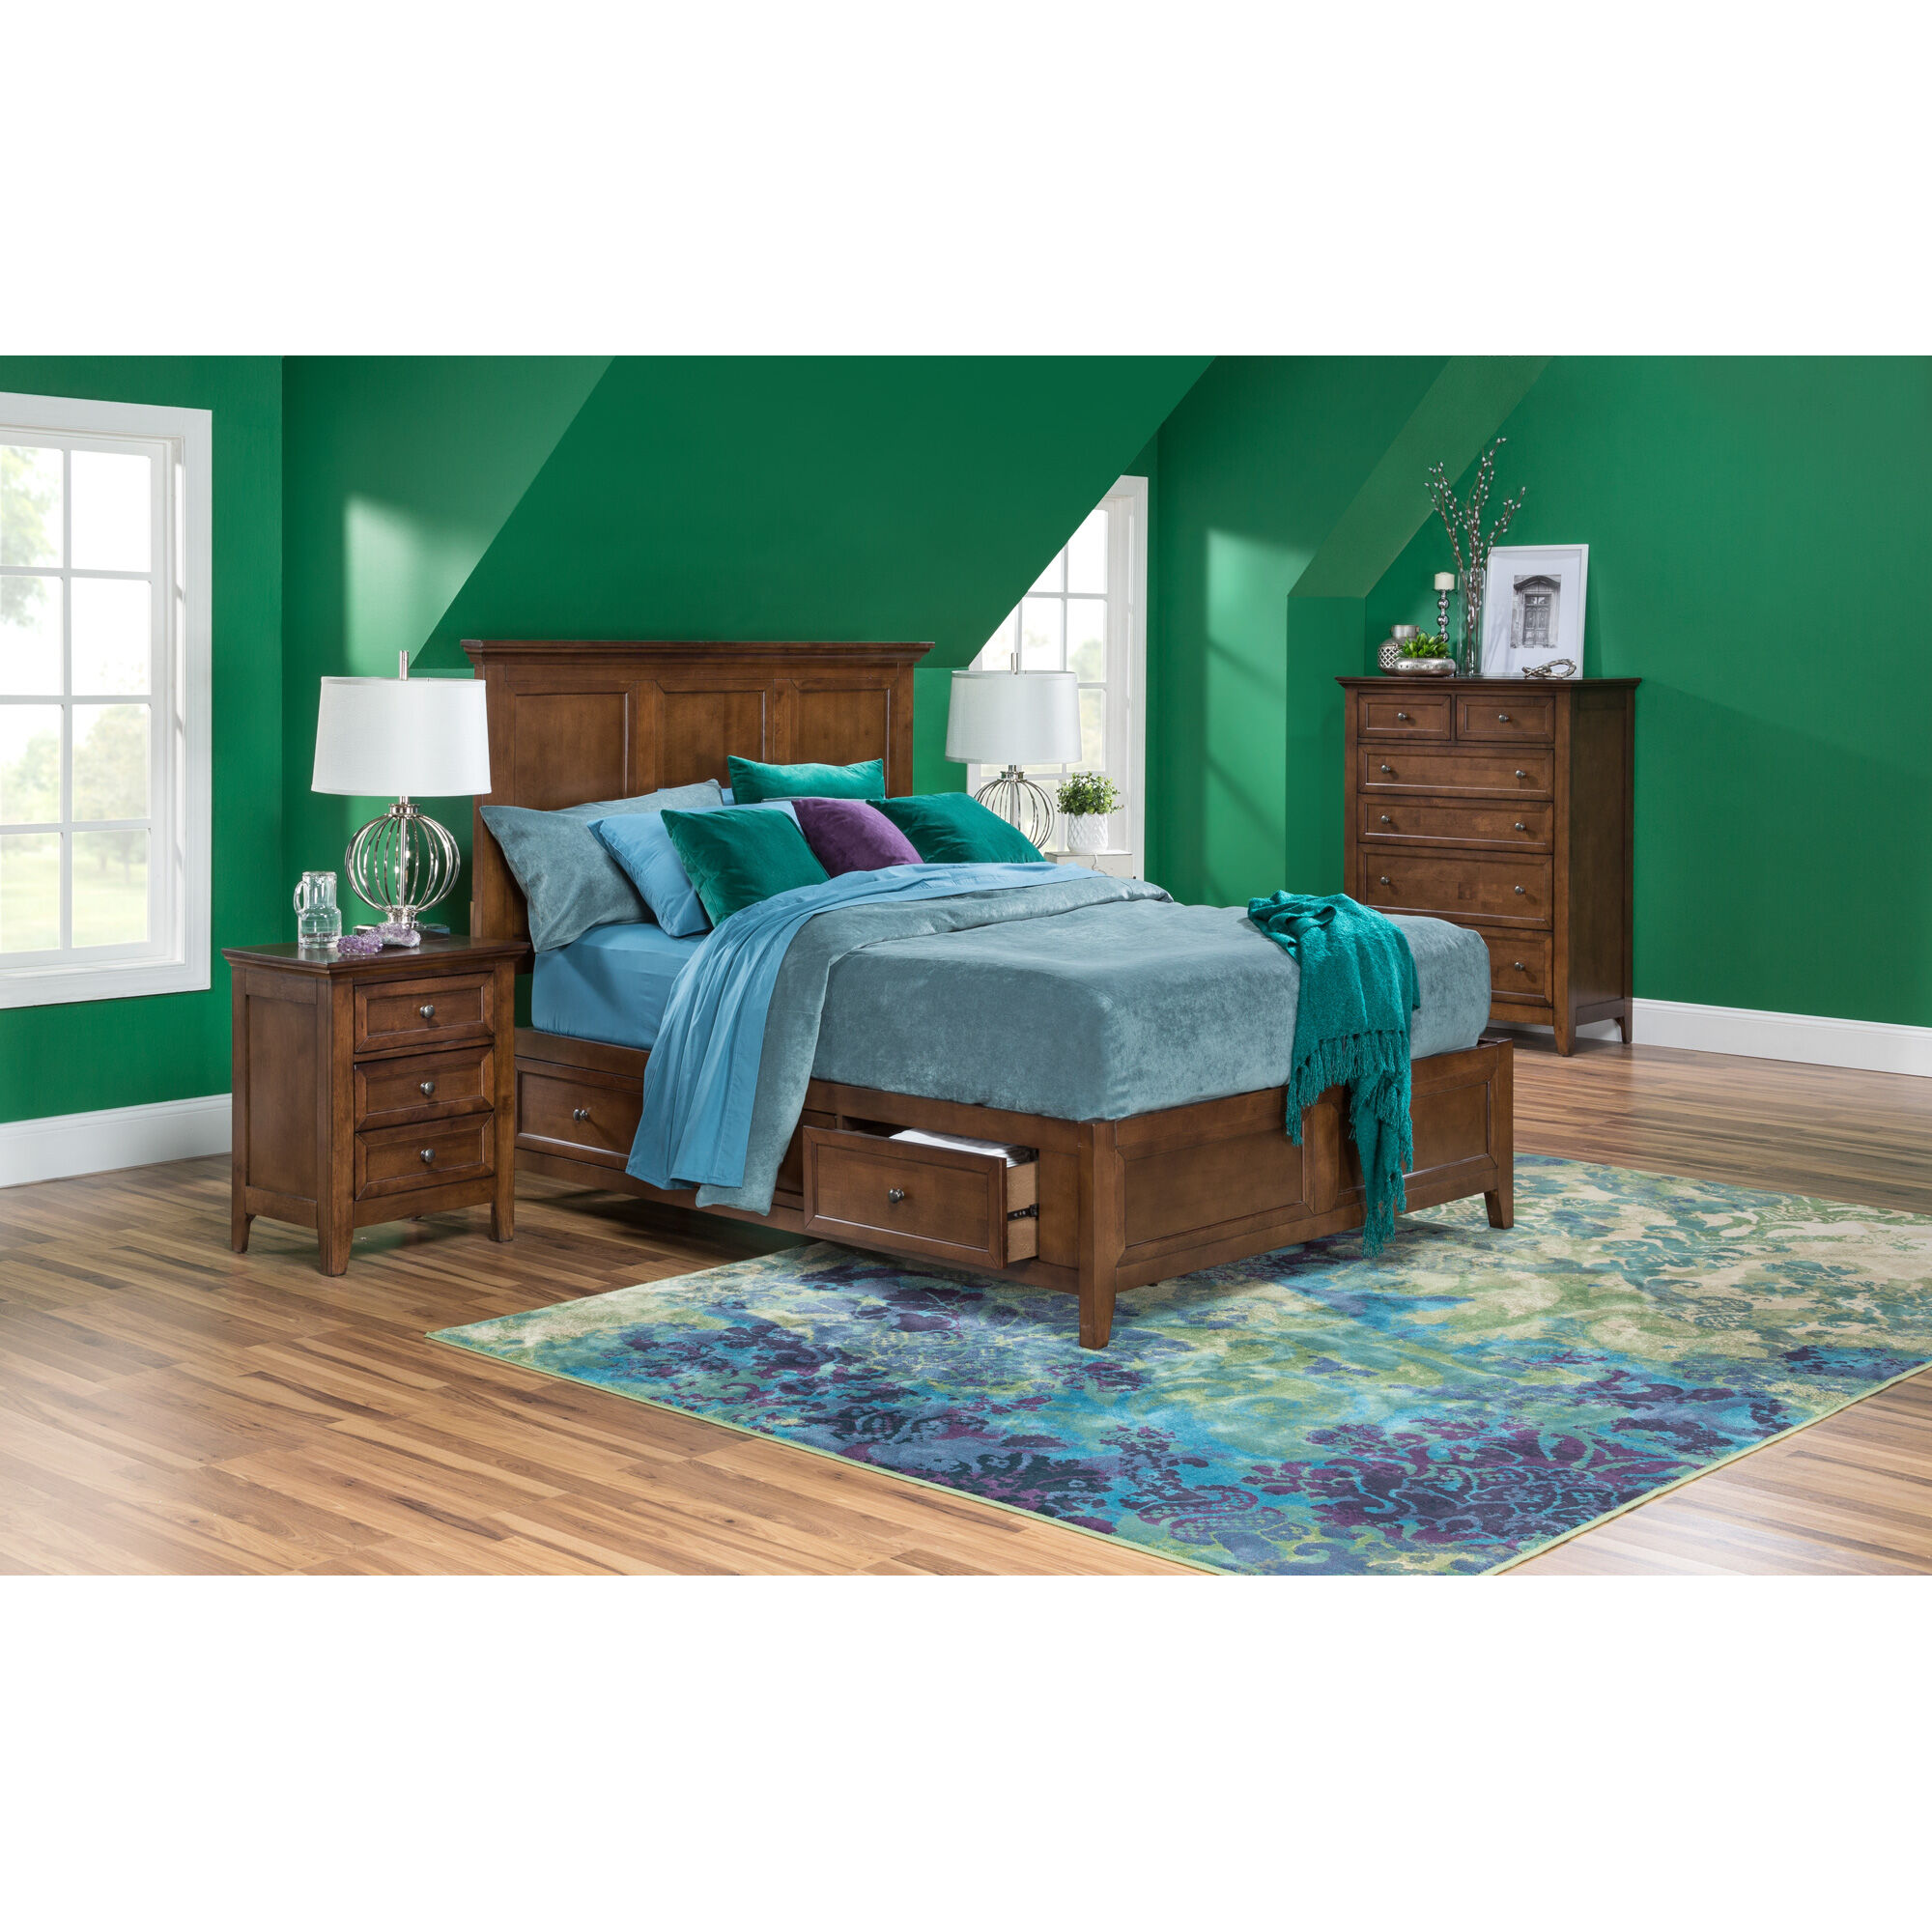 Slumberland Furniture San Mateo 5 Pc Room Group